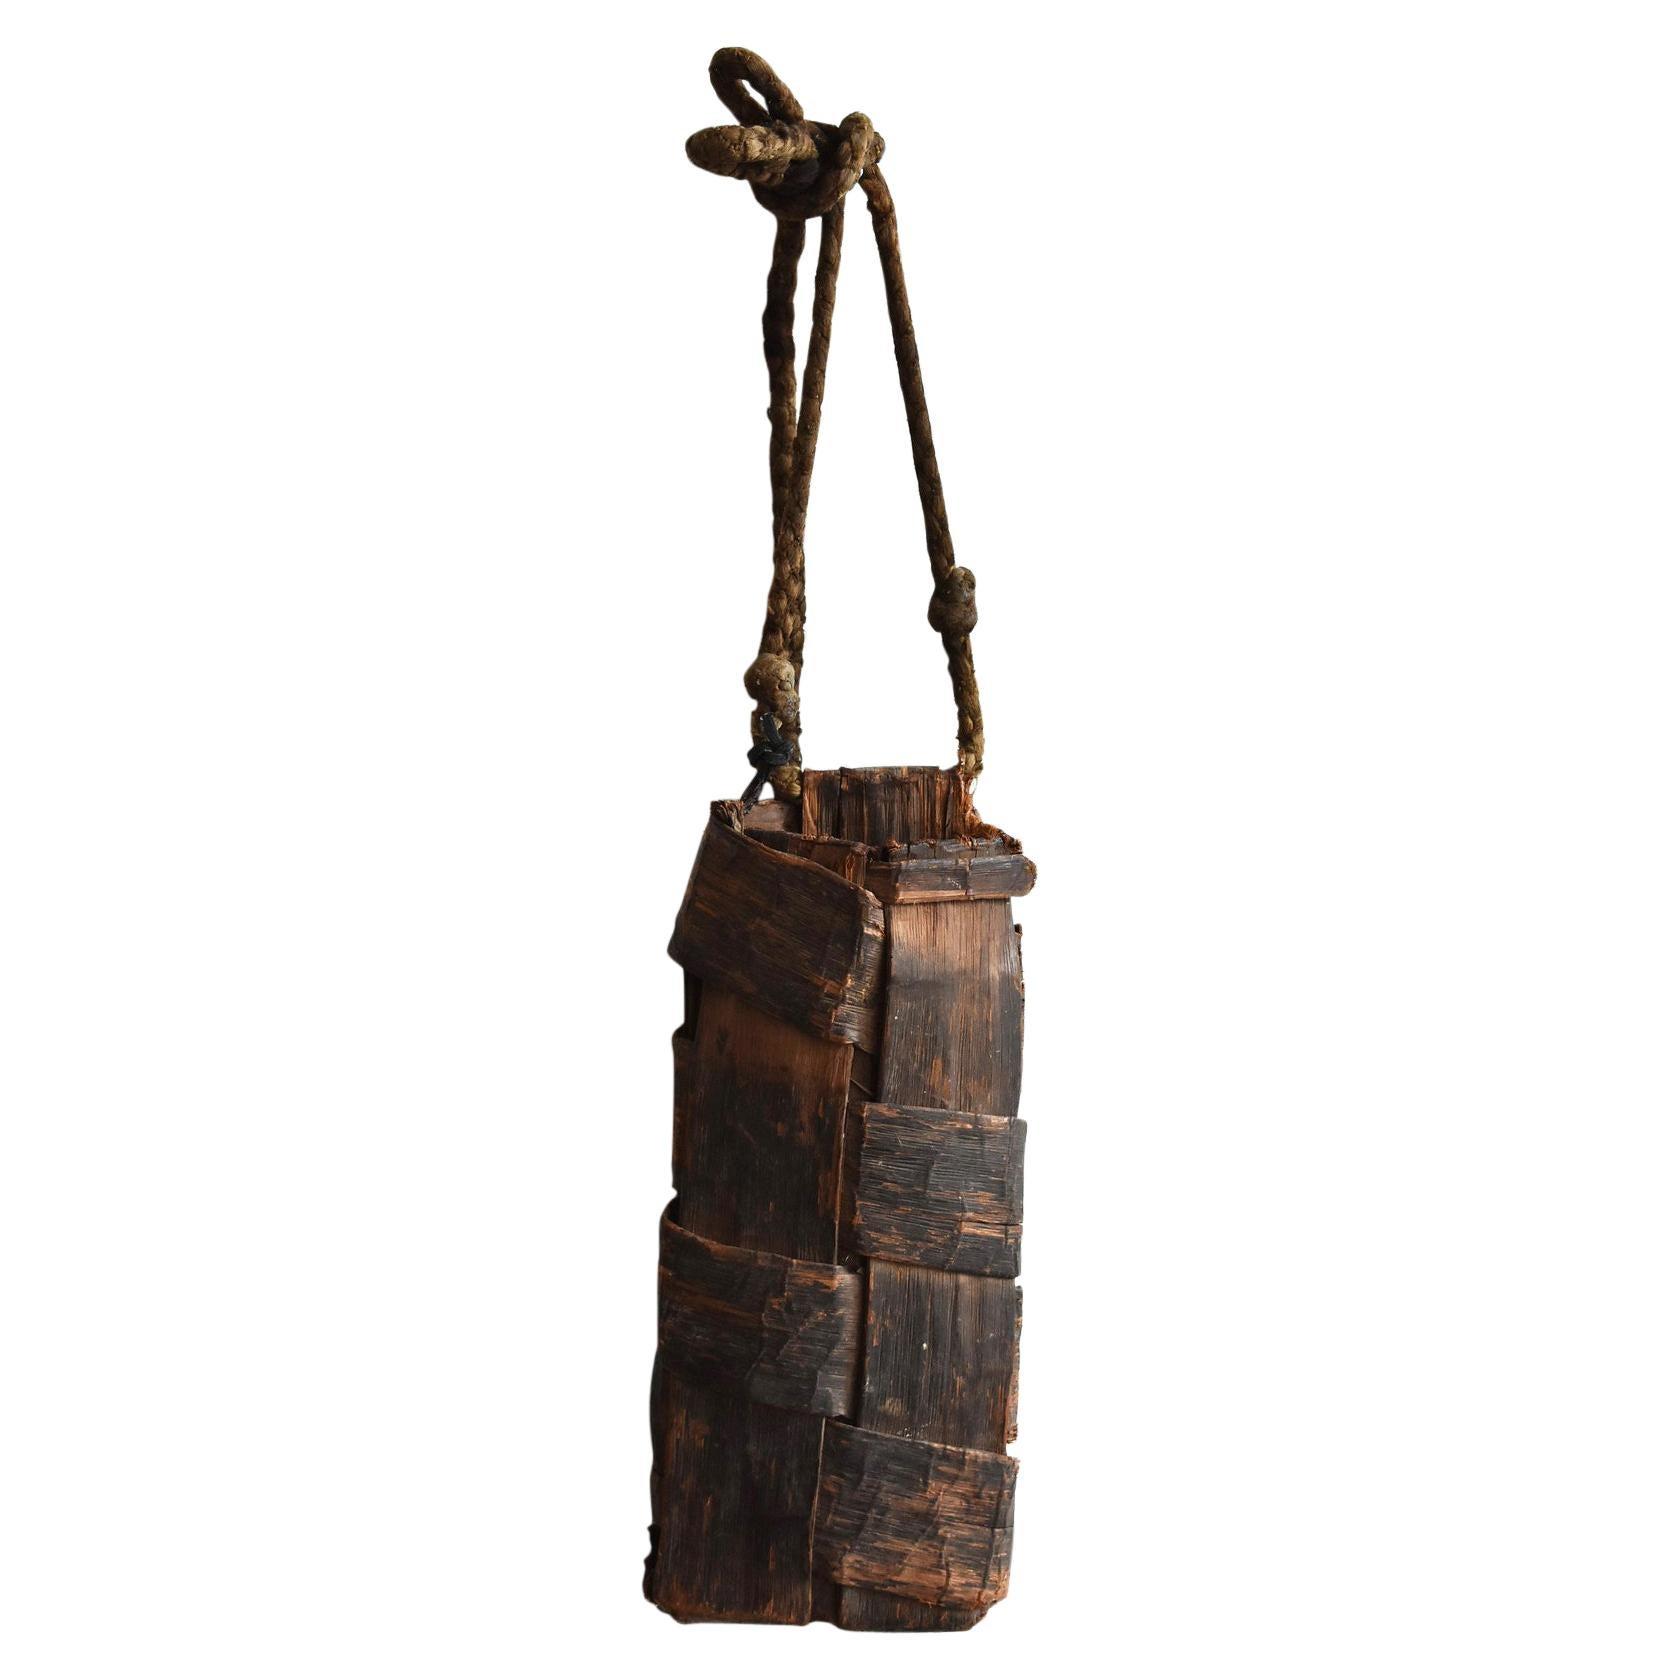 Old Japanese Folk Art / Farmer's Tools Made of Bark / Vase / Flower Basket